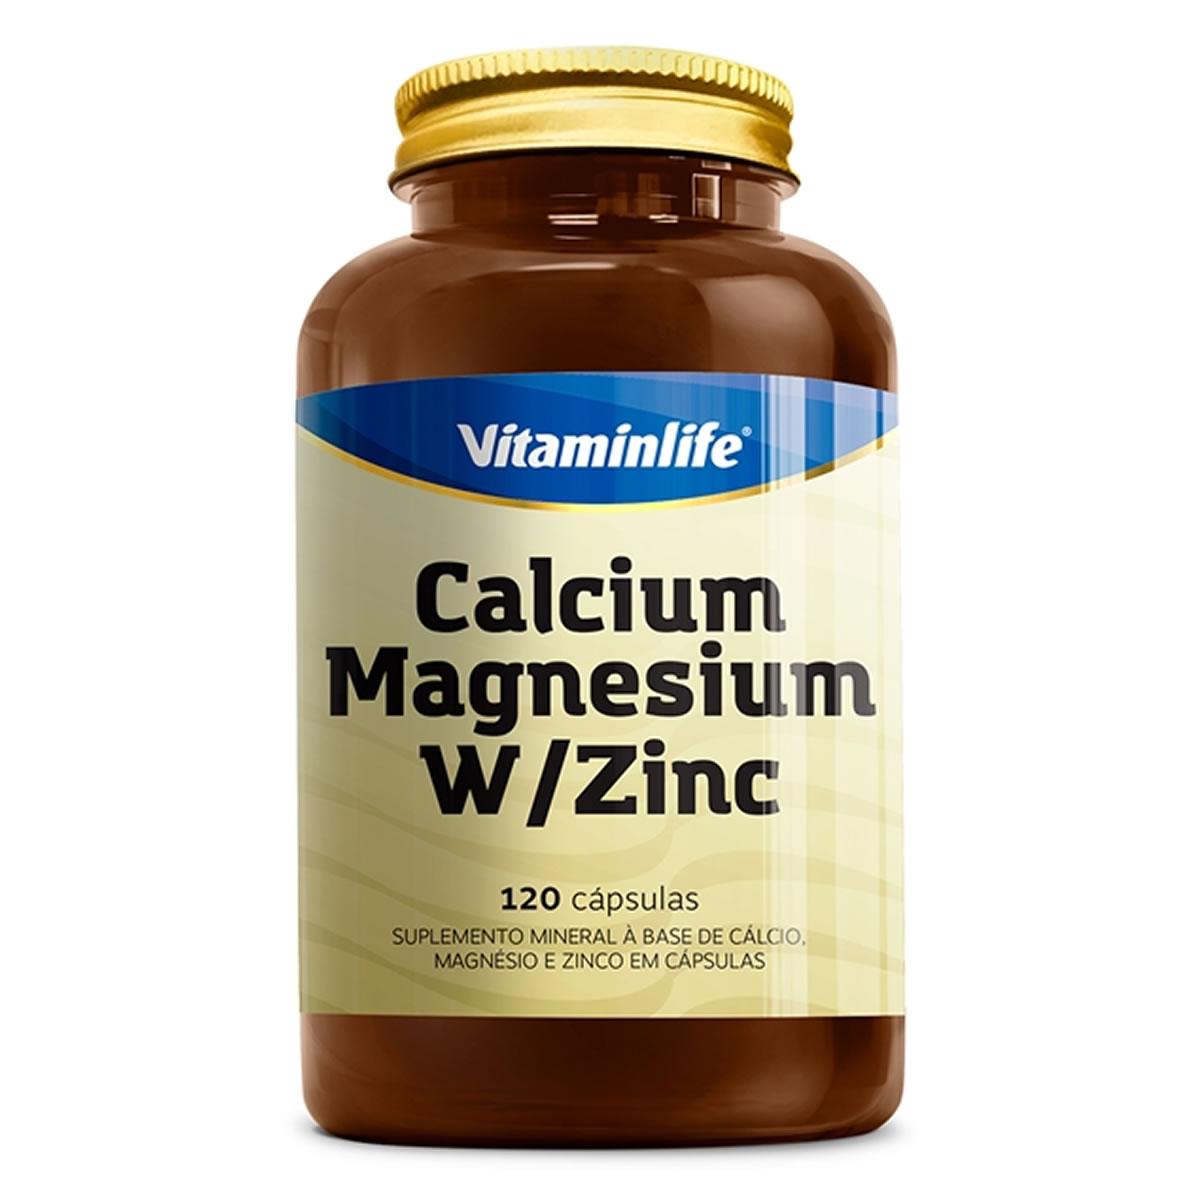 Calcium Magnesium W/Zinc 120 cápsulas - Vitamin Life